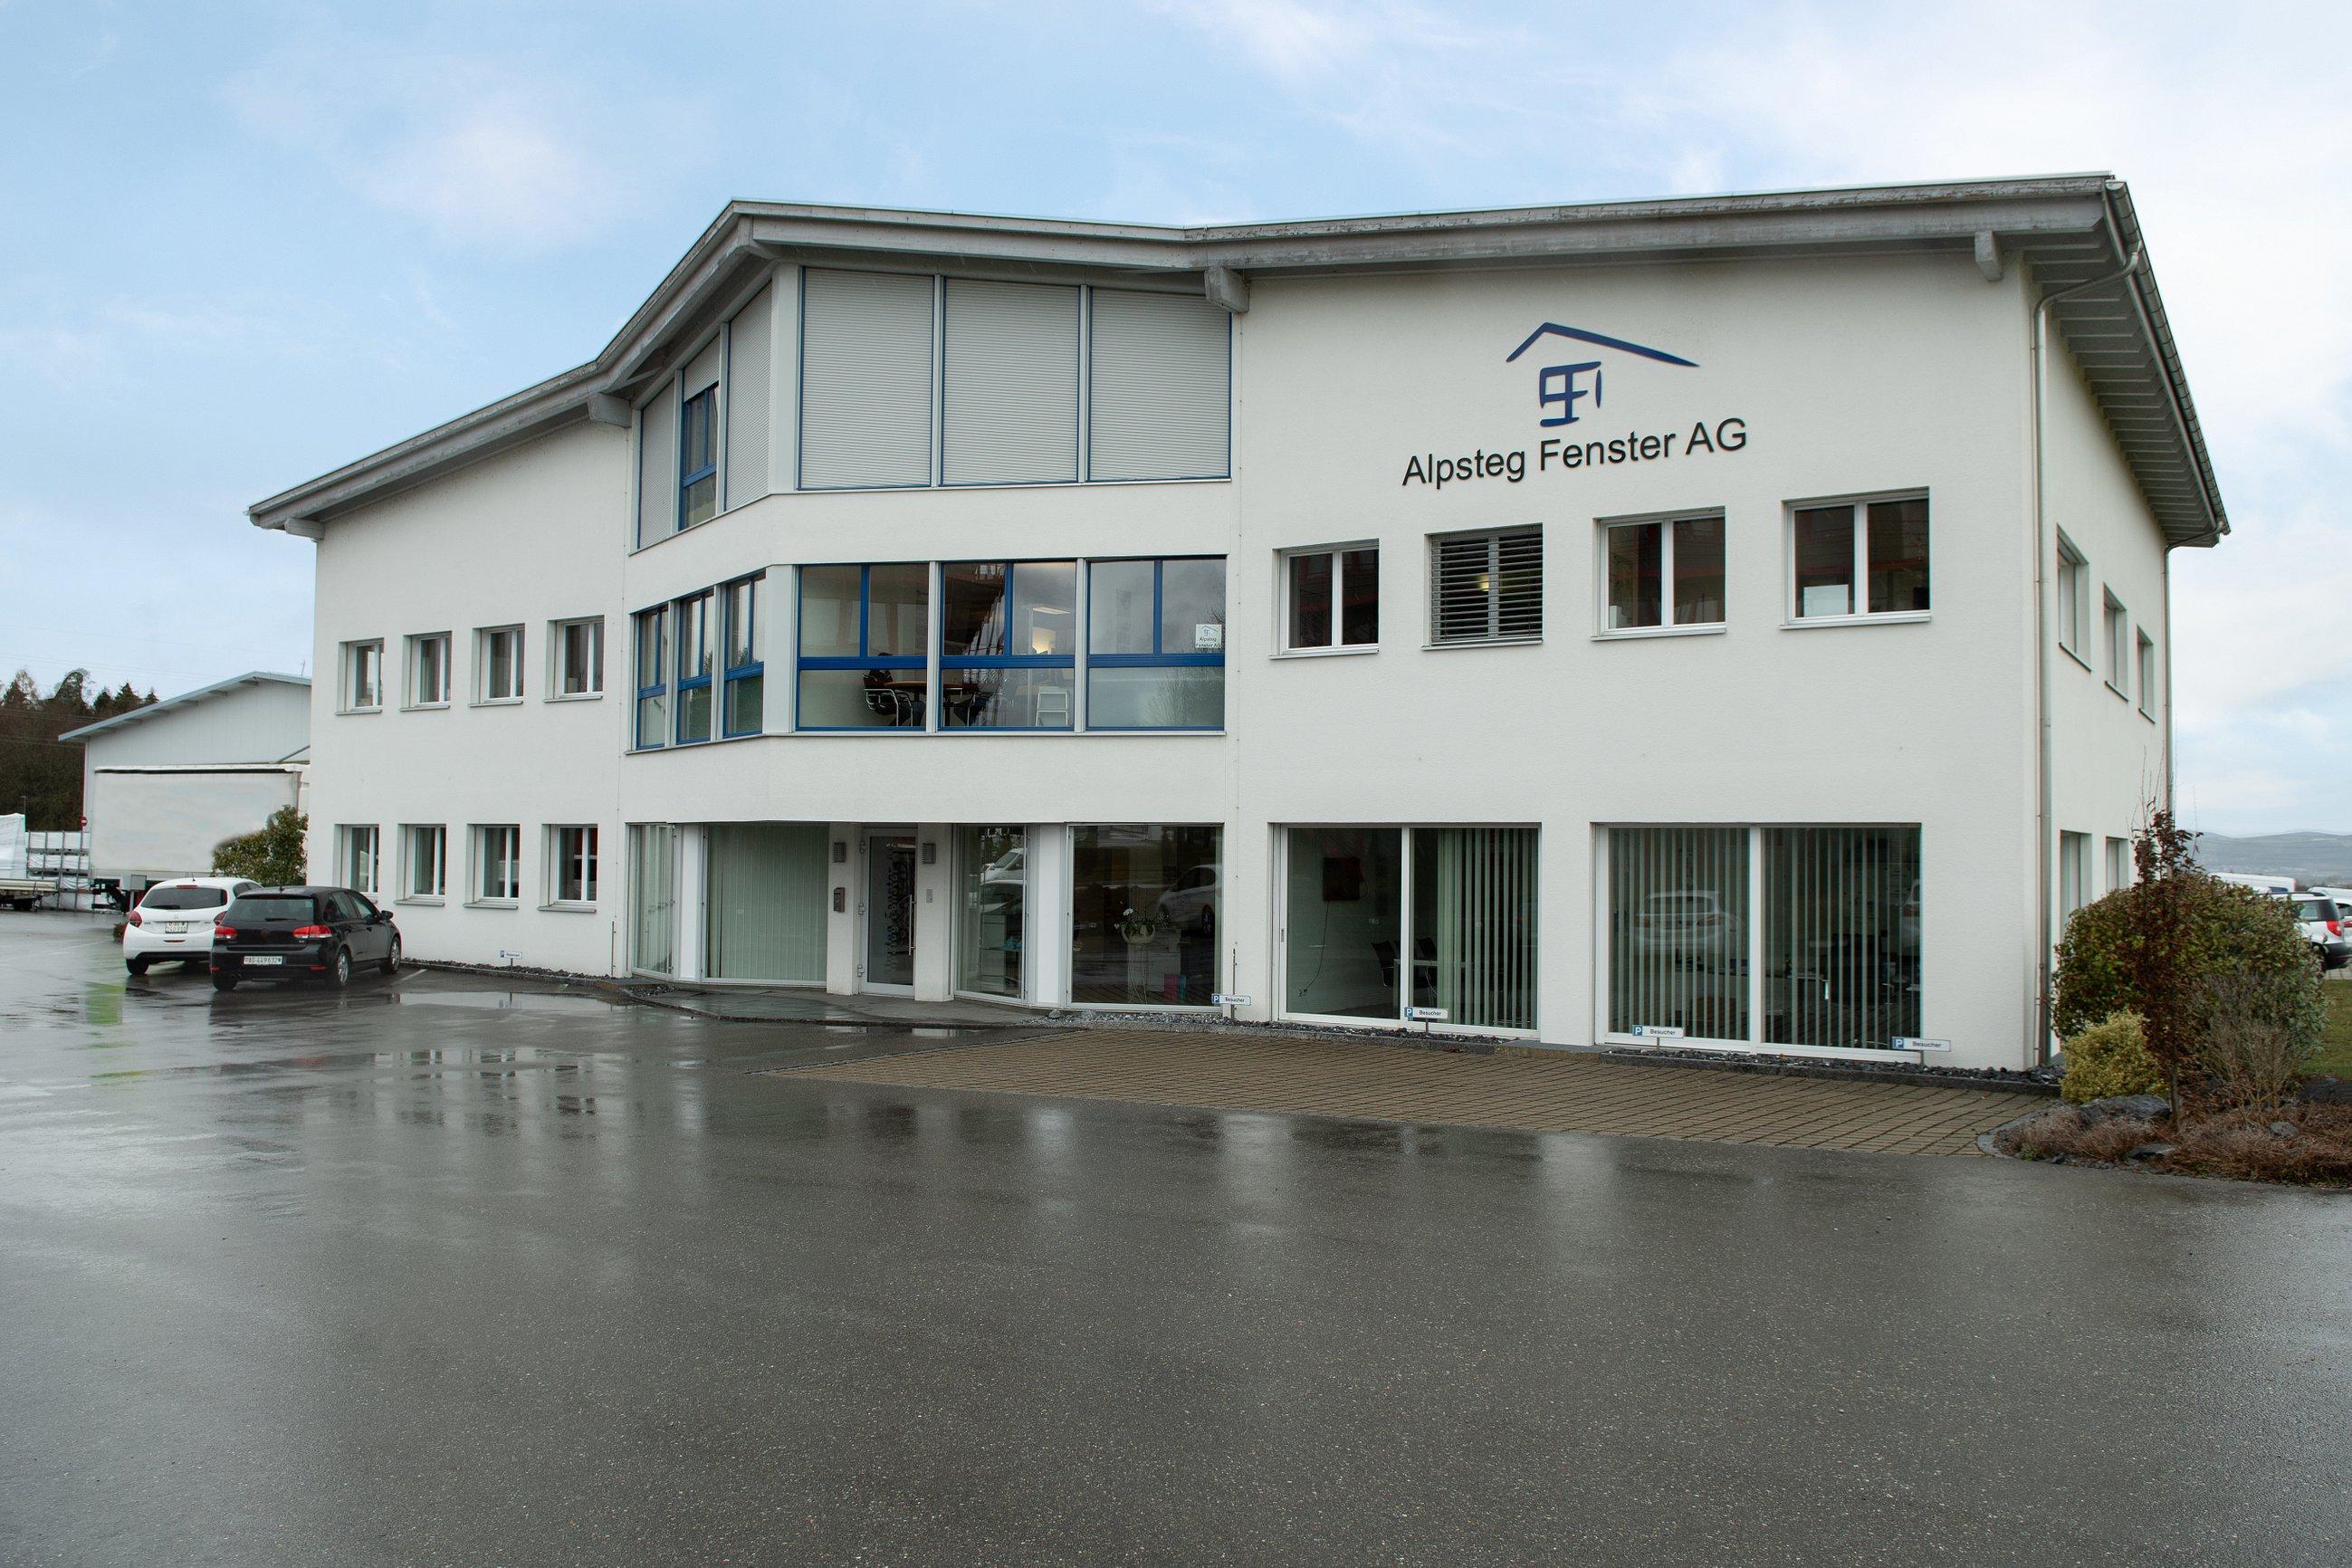 Alpsteg Fenster AG